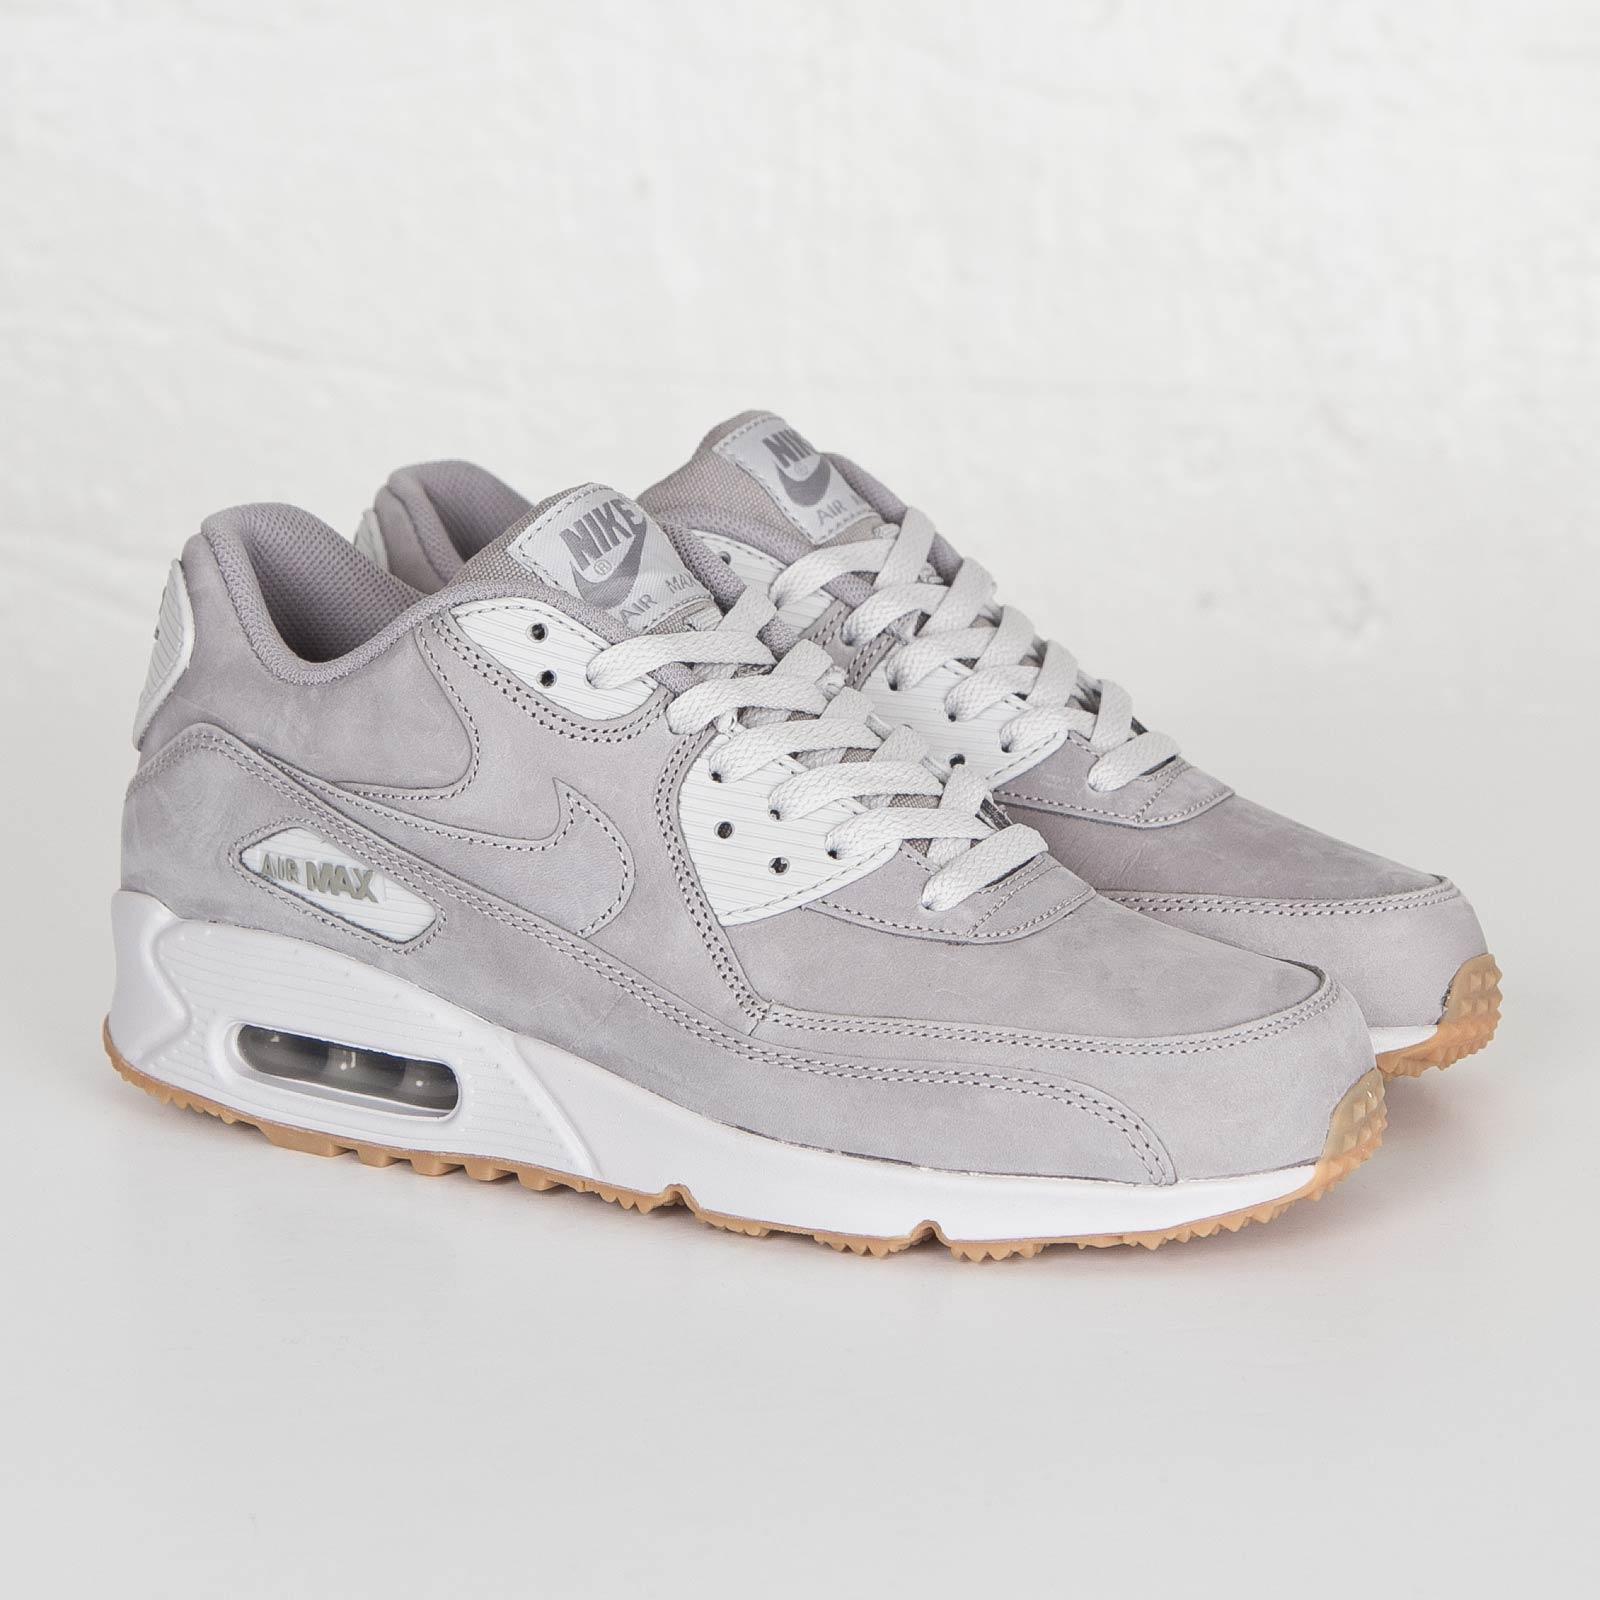 chaussure air max 90 premium homme